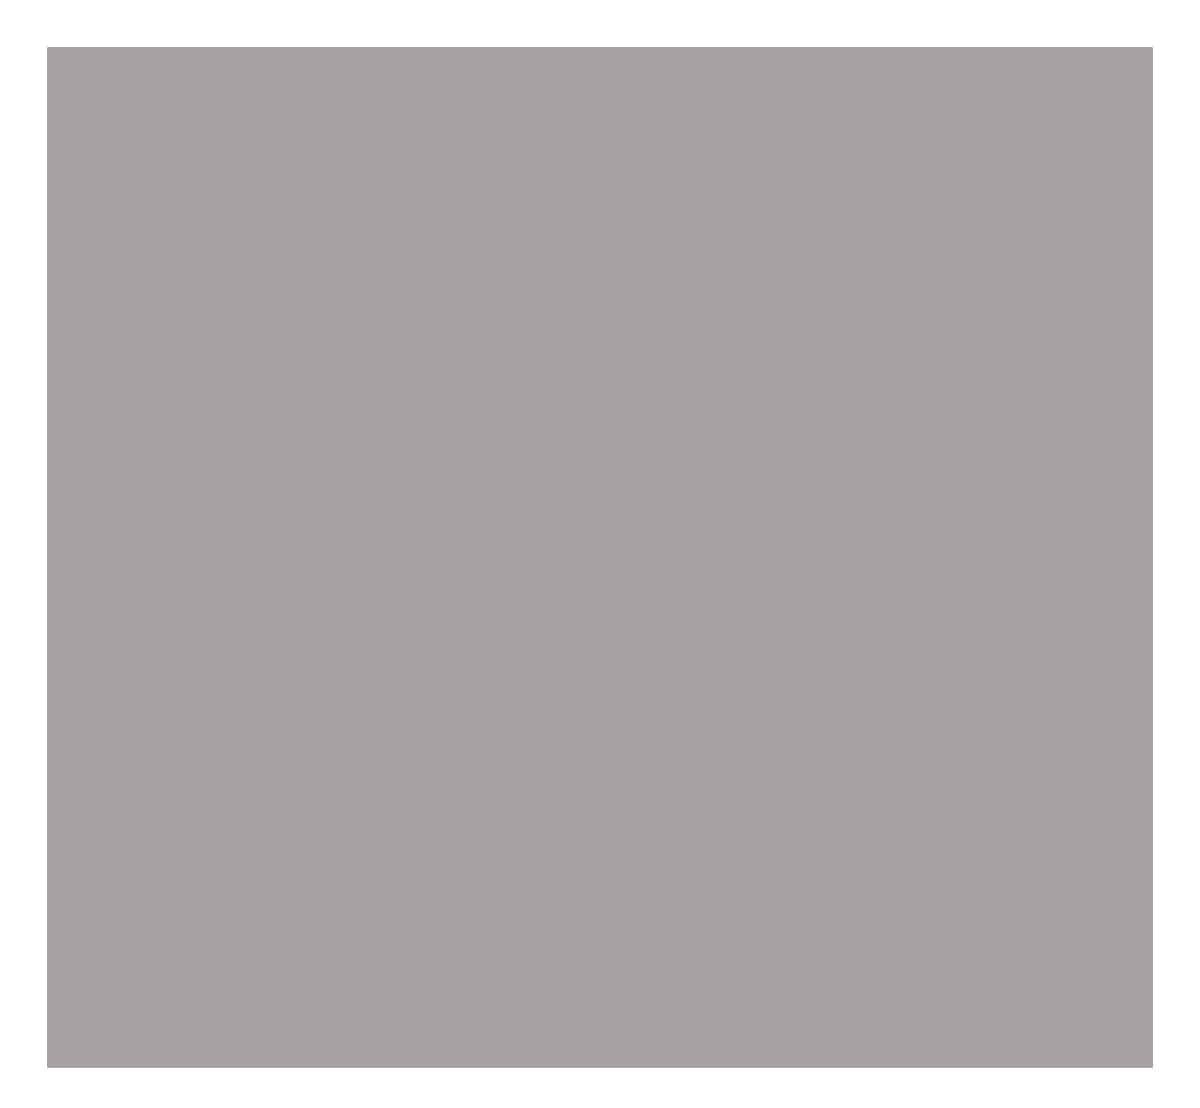 7361 - Stone Grey